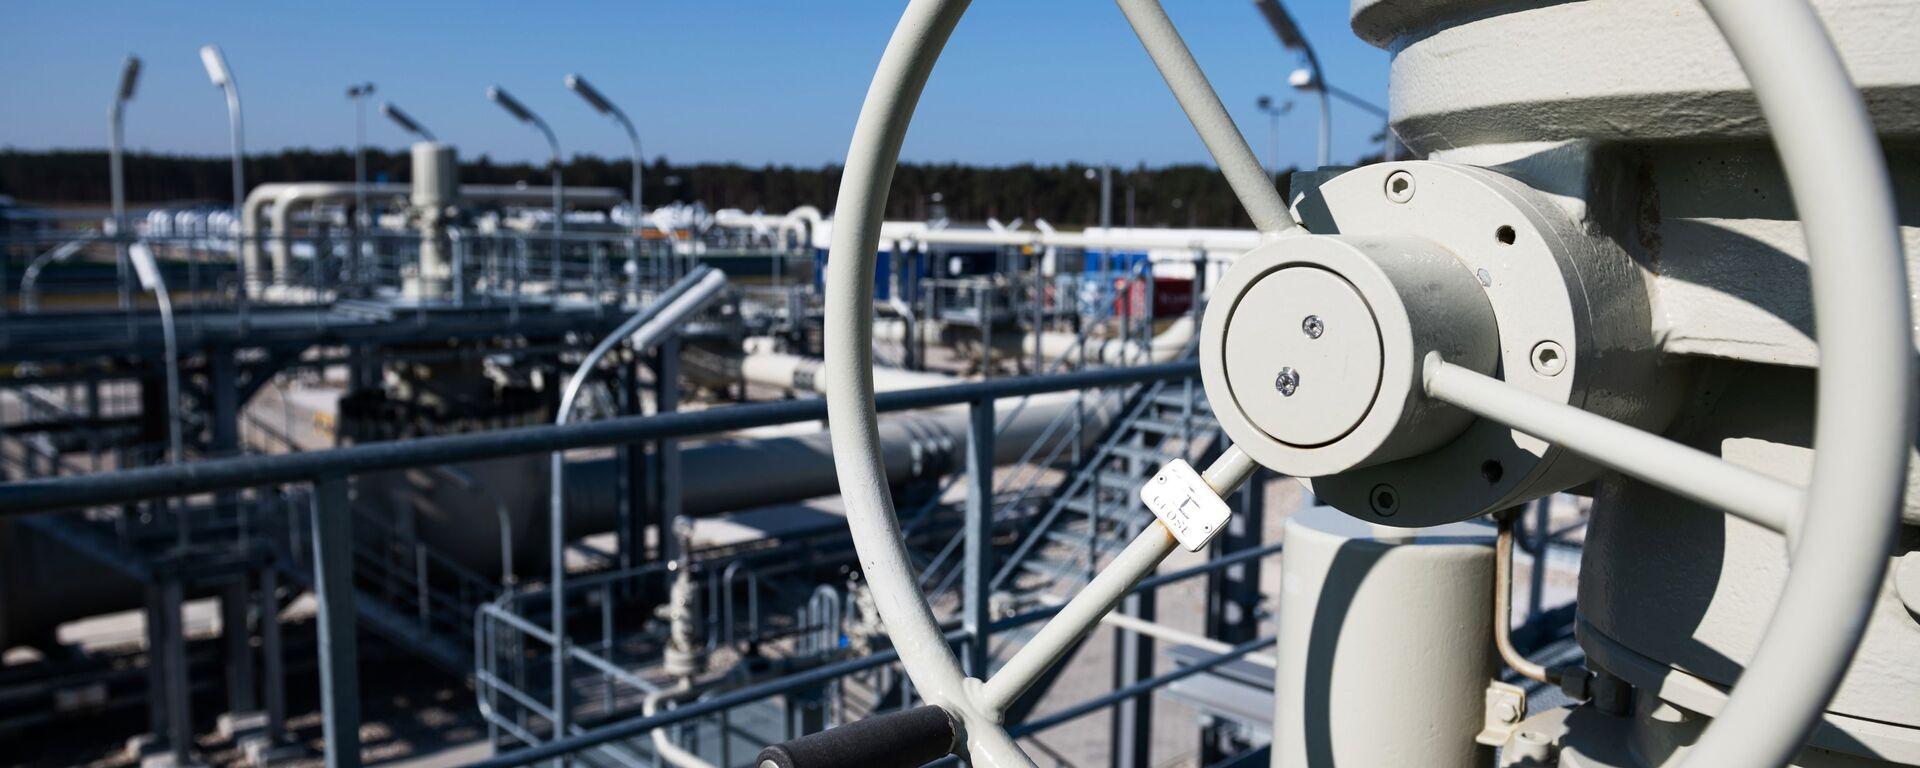 Pobřežní objekty na území plynárenského rozdělovacího centra plynovodu Nord Stream 2 v německém městě Lubmin. - Sputnik Česká republika, 1920, 25.09.2021